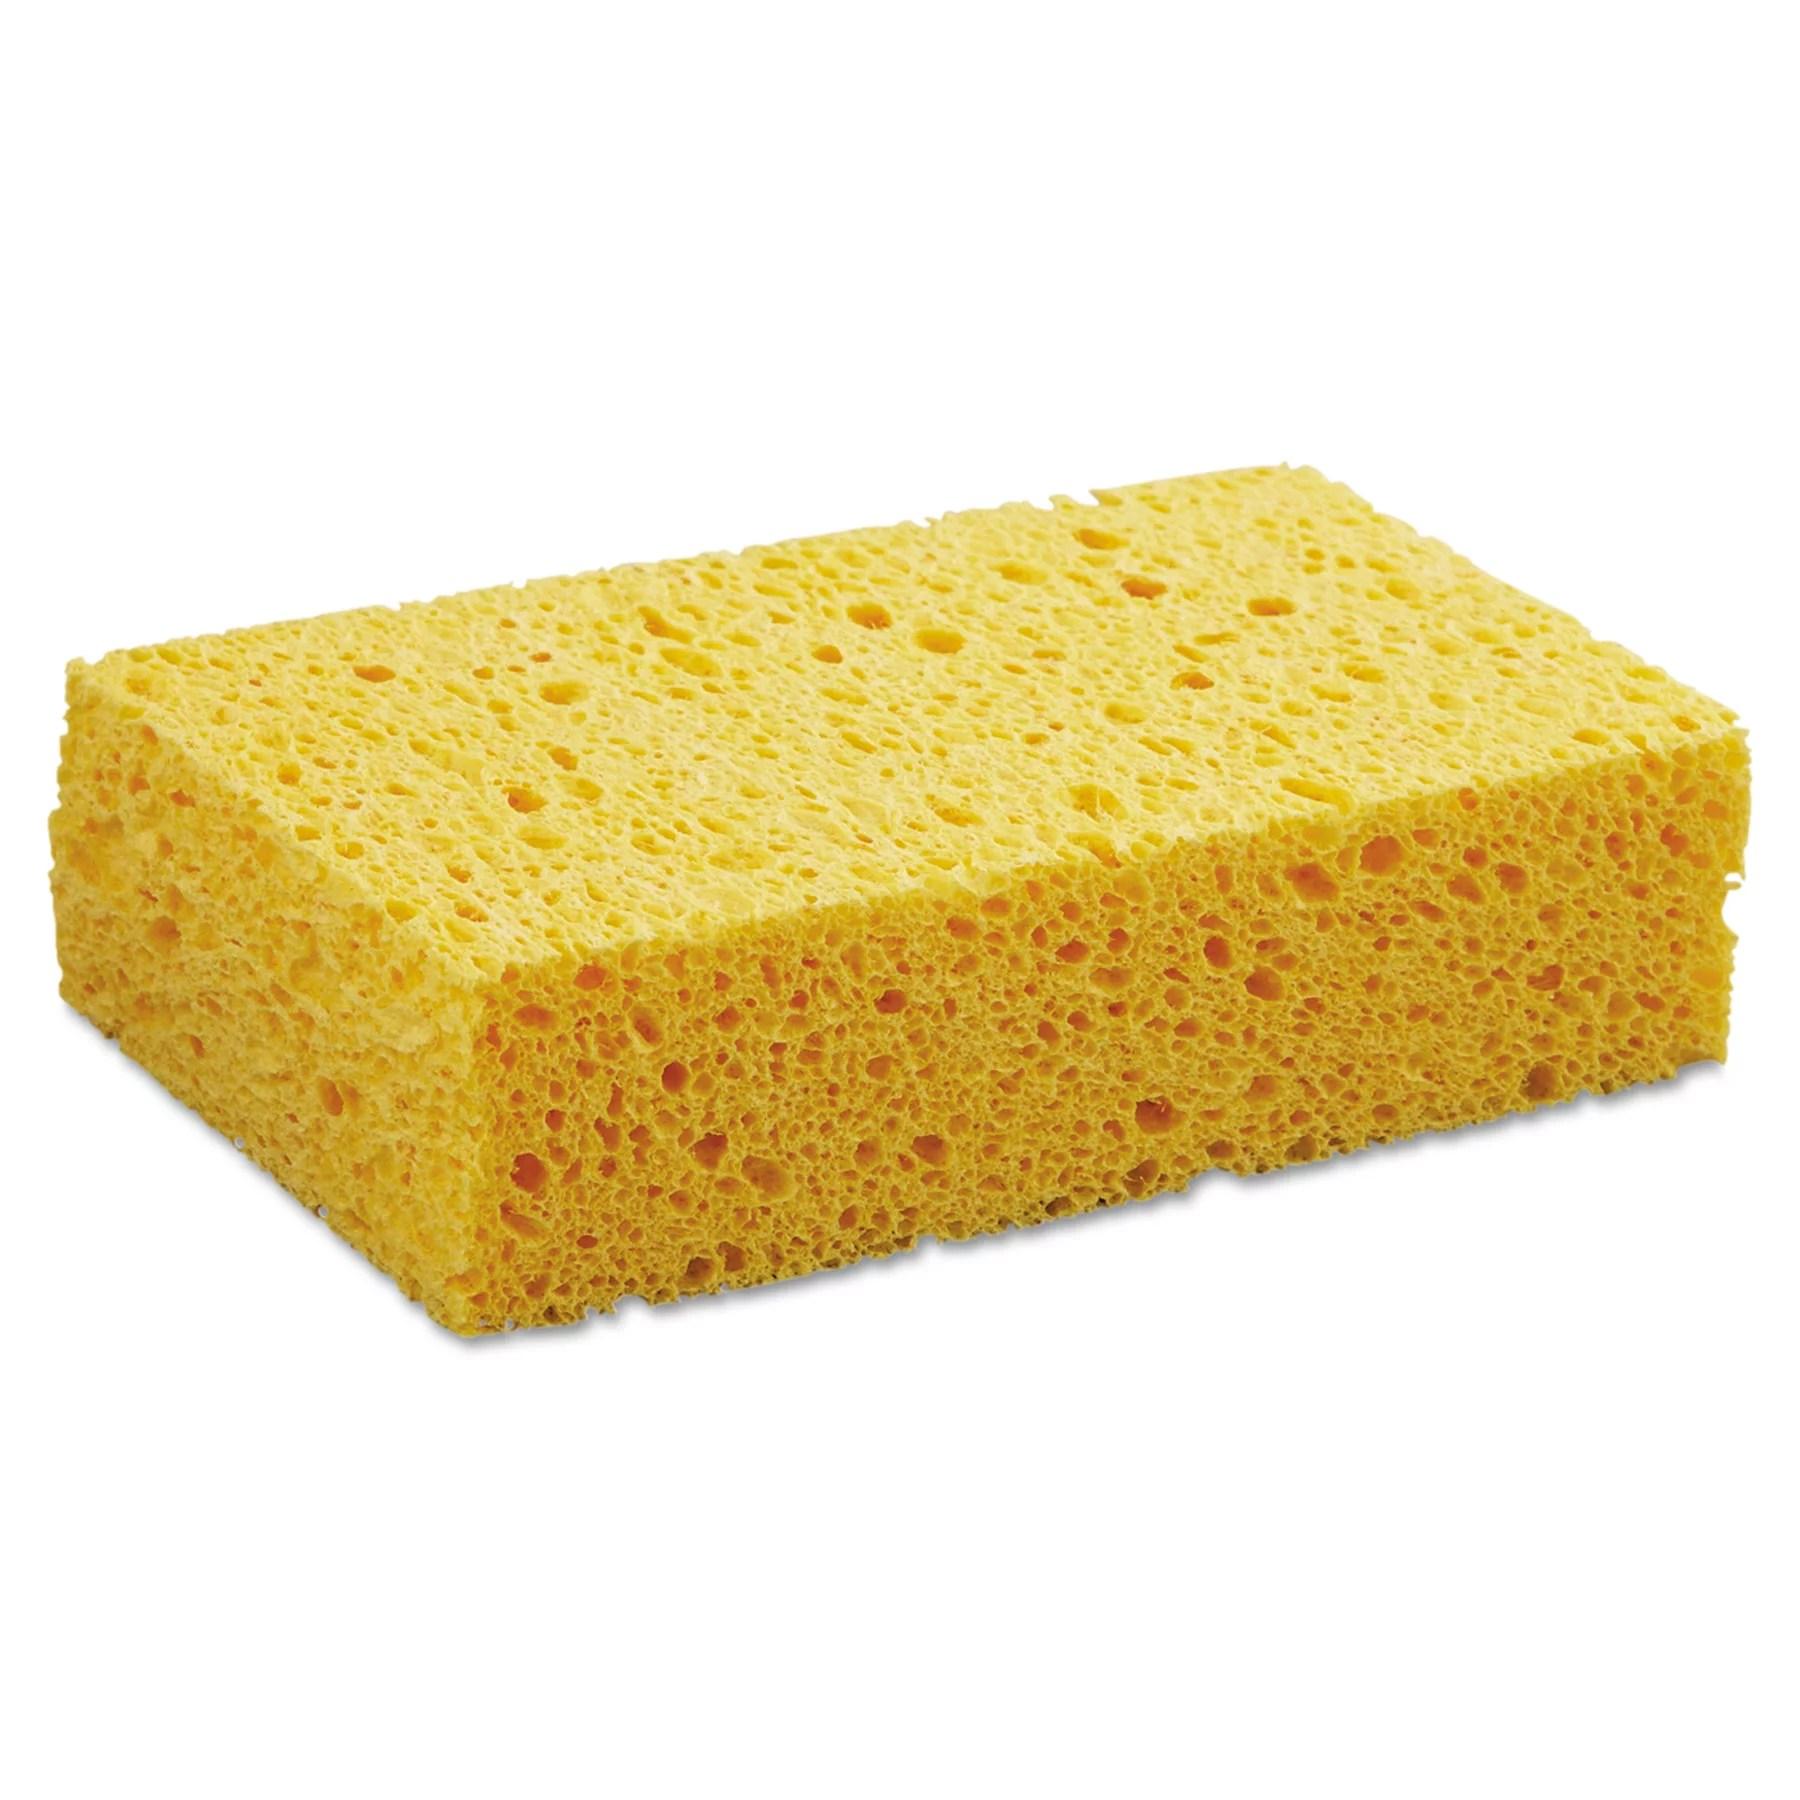 Boardwalk Medium Cellulose Sponge 3 2 3 X 6 2 25 Quot 1 55